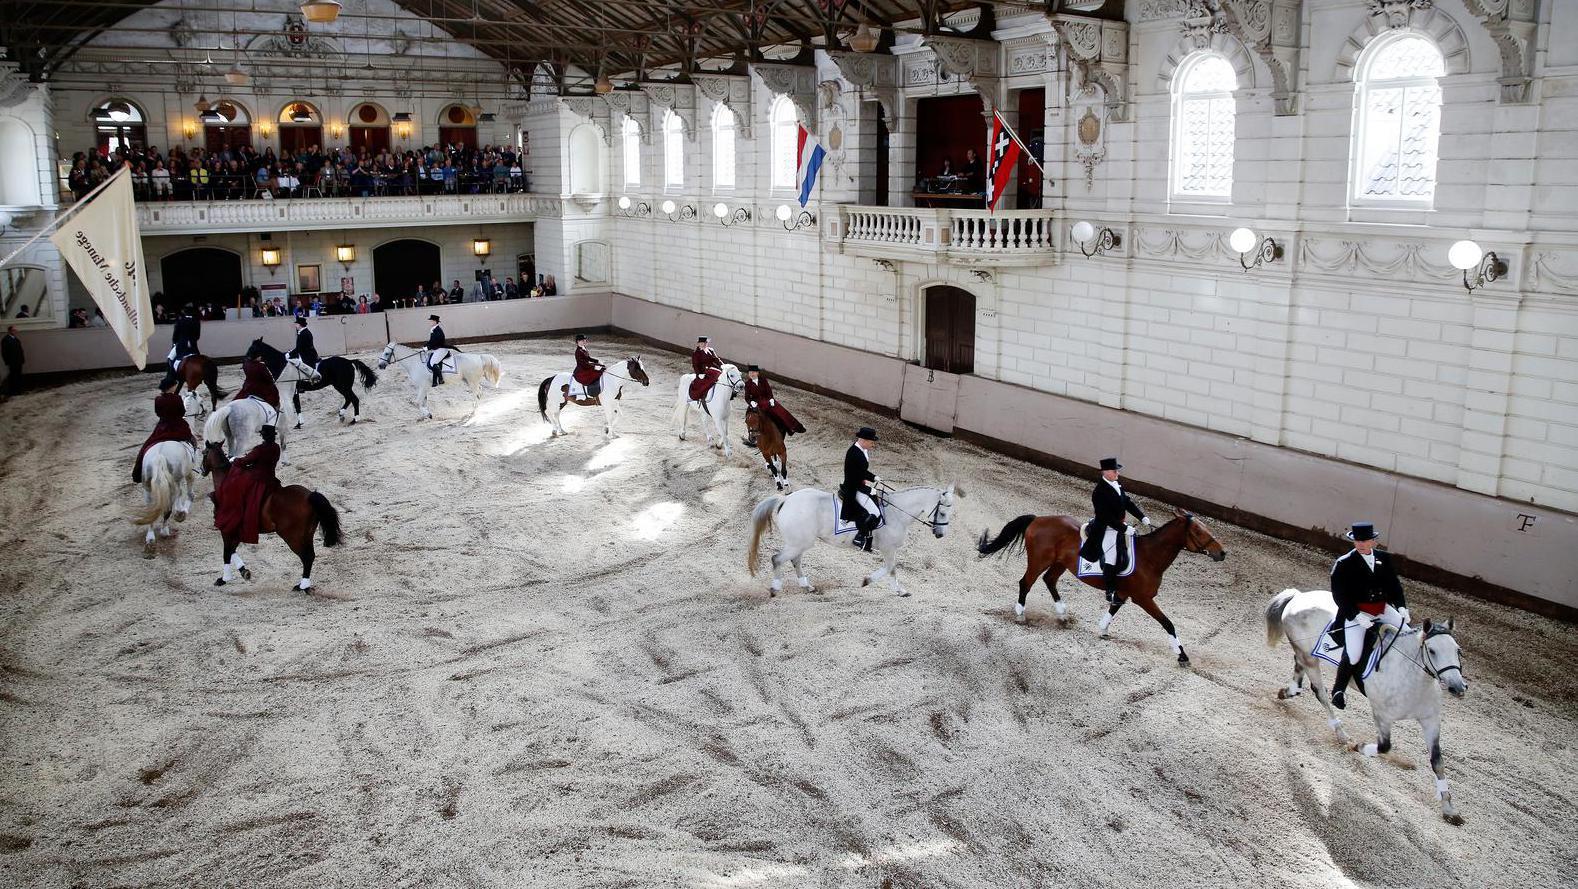 Amsterdam dringt aan op wetgeving paardenwelzijn